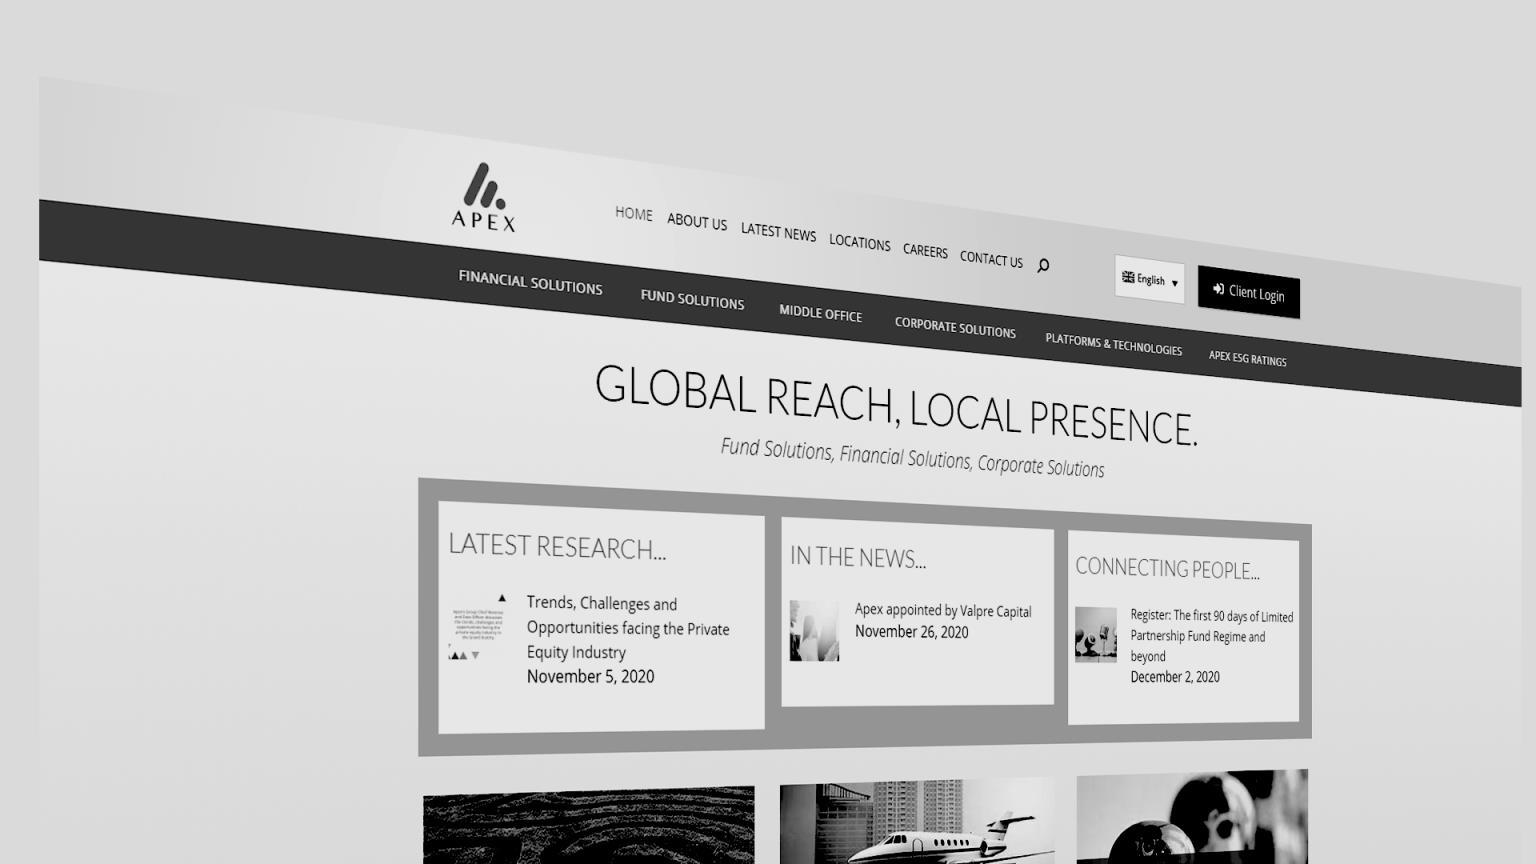 【英国房产新闻】Apex集团由房地产投资商Valpre Capital指定